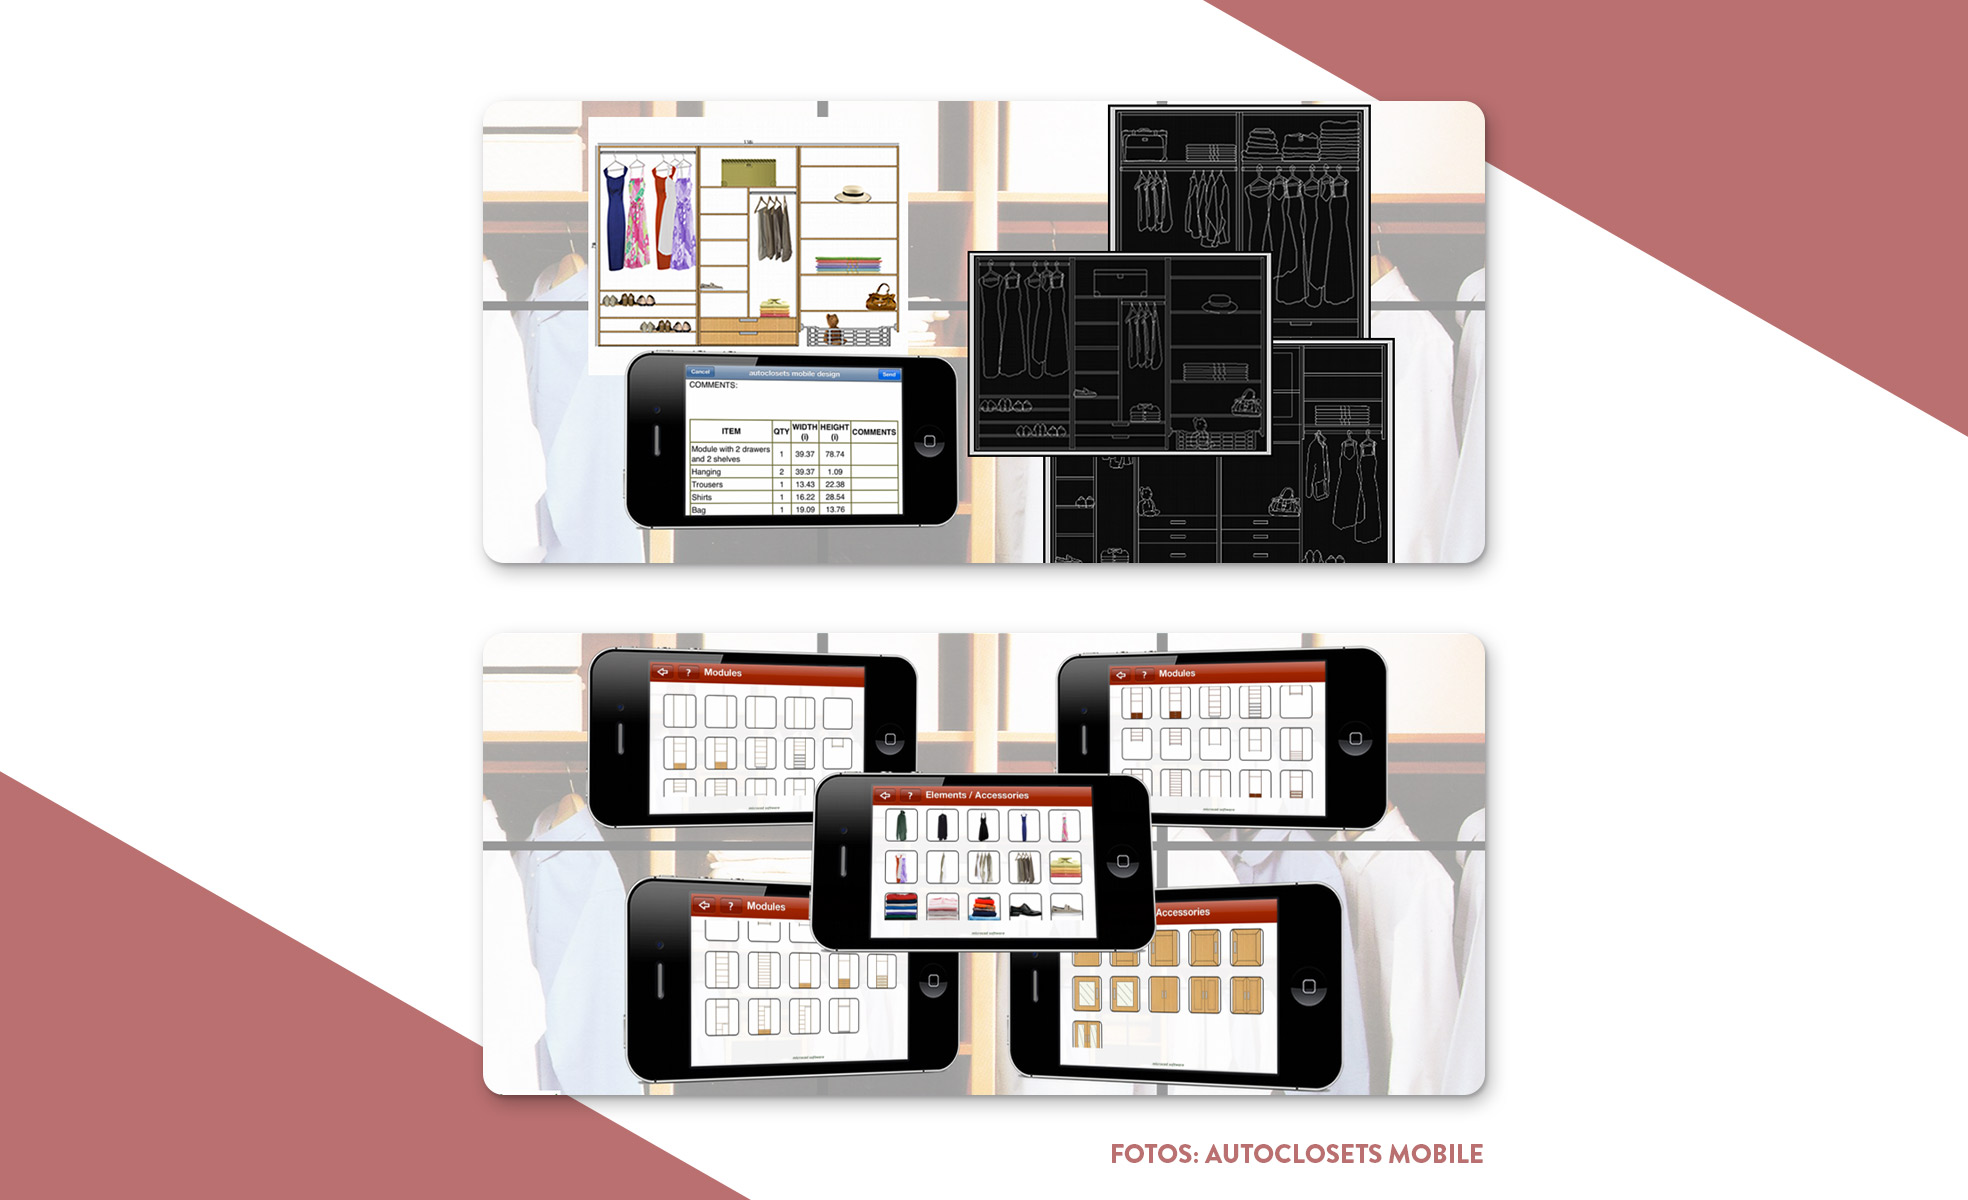 Dicas de aplicativos de arquitetura e decoração | westwing.com.br